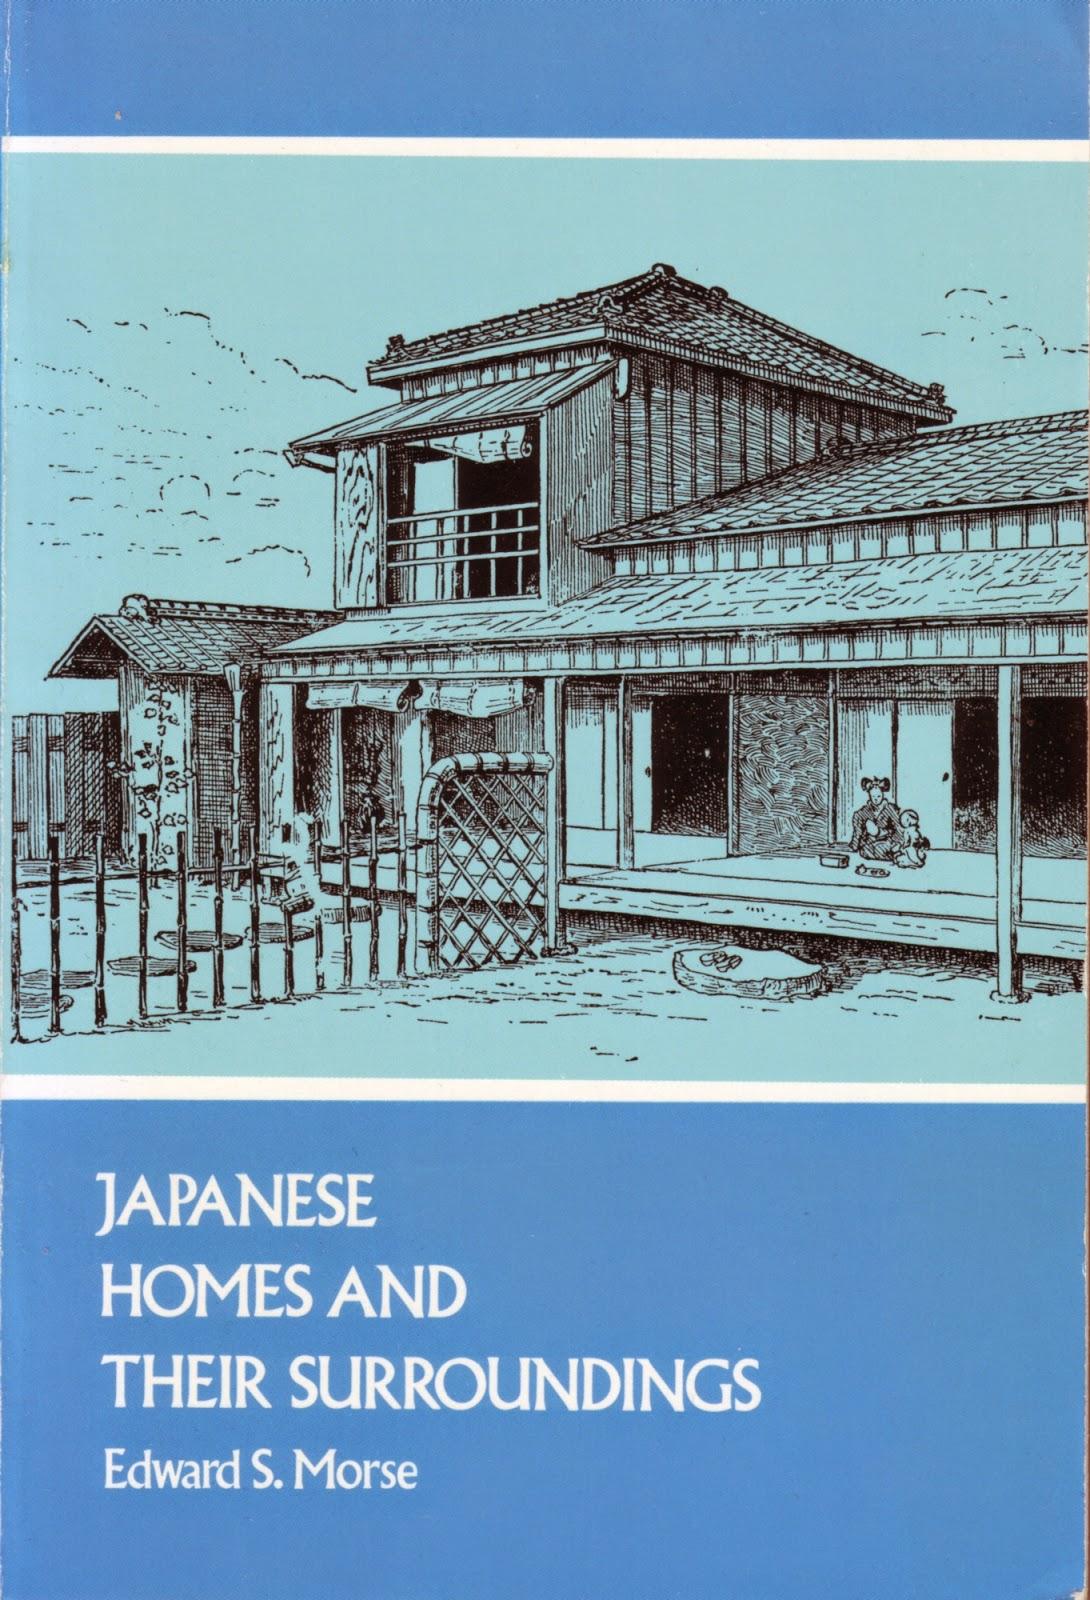 la maison japonaise et tout ce qui l'entoure